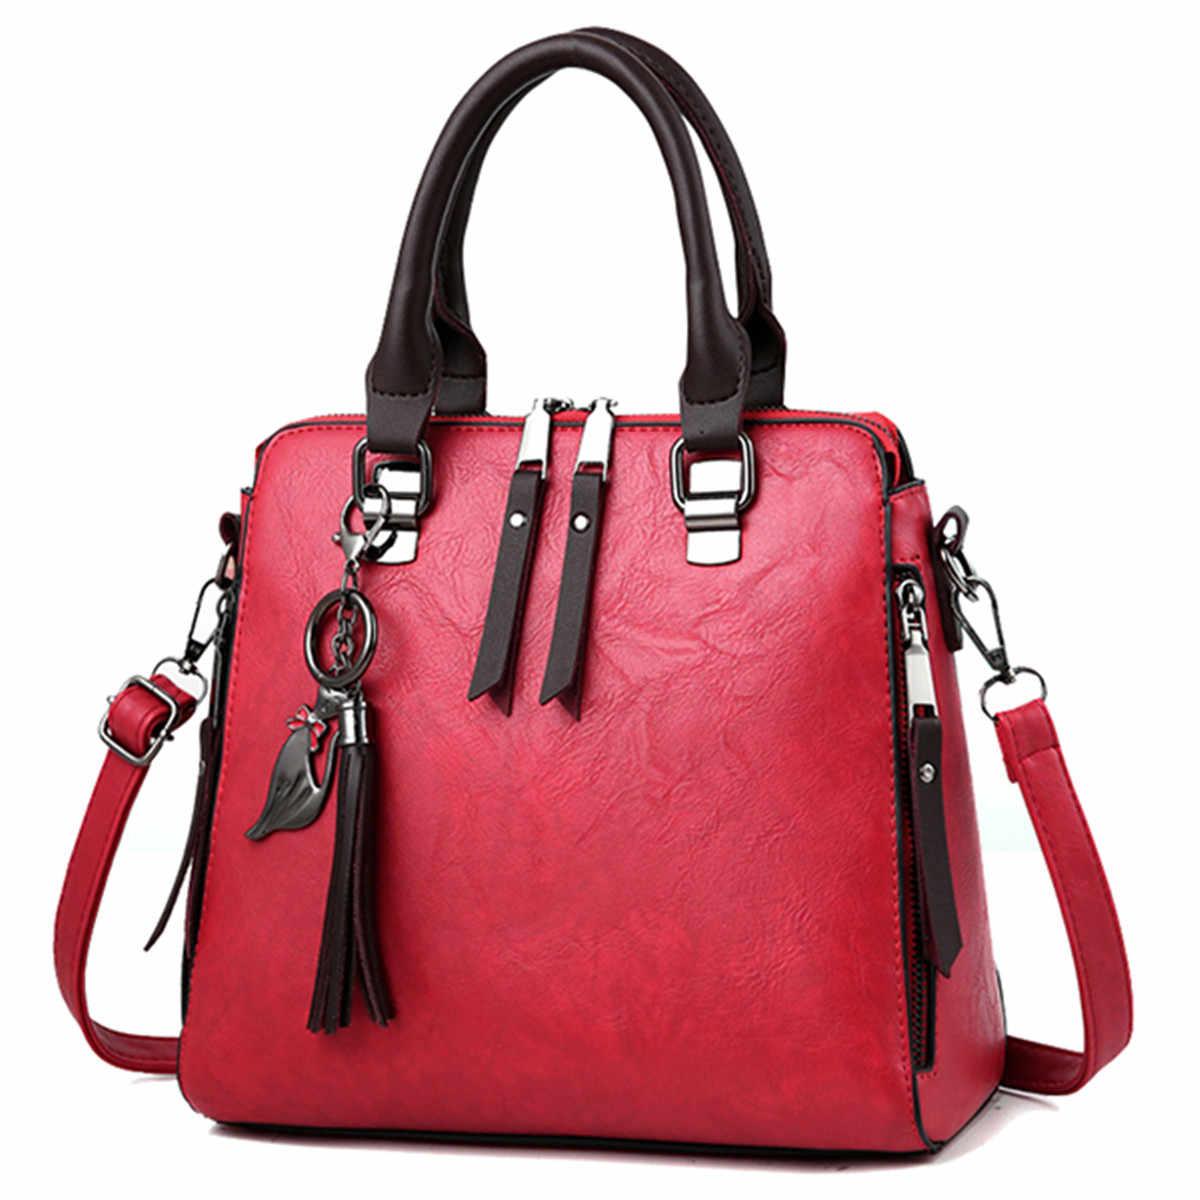 Aequeen Ombro Moda Crossbody Bag de Alta Qualidade PU Bolsa de couro Das Mulheres Designer De Marca 2019 Bolsa Feminina Com Pingente de Gato